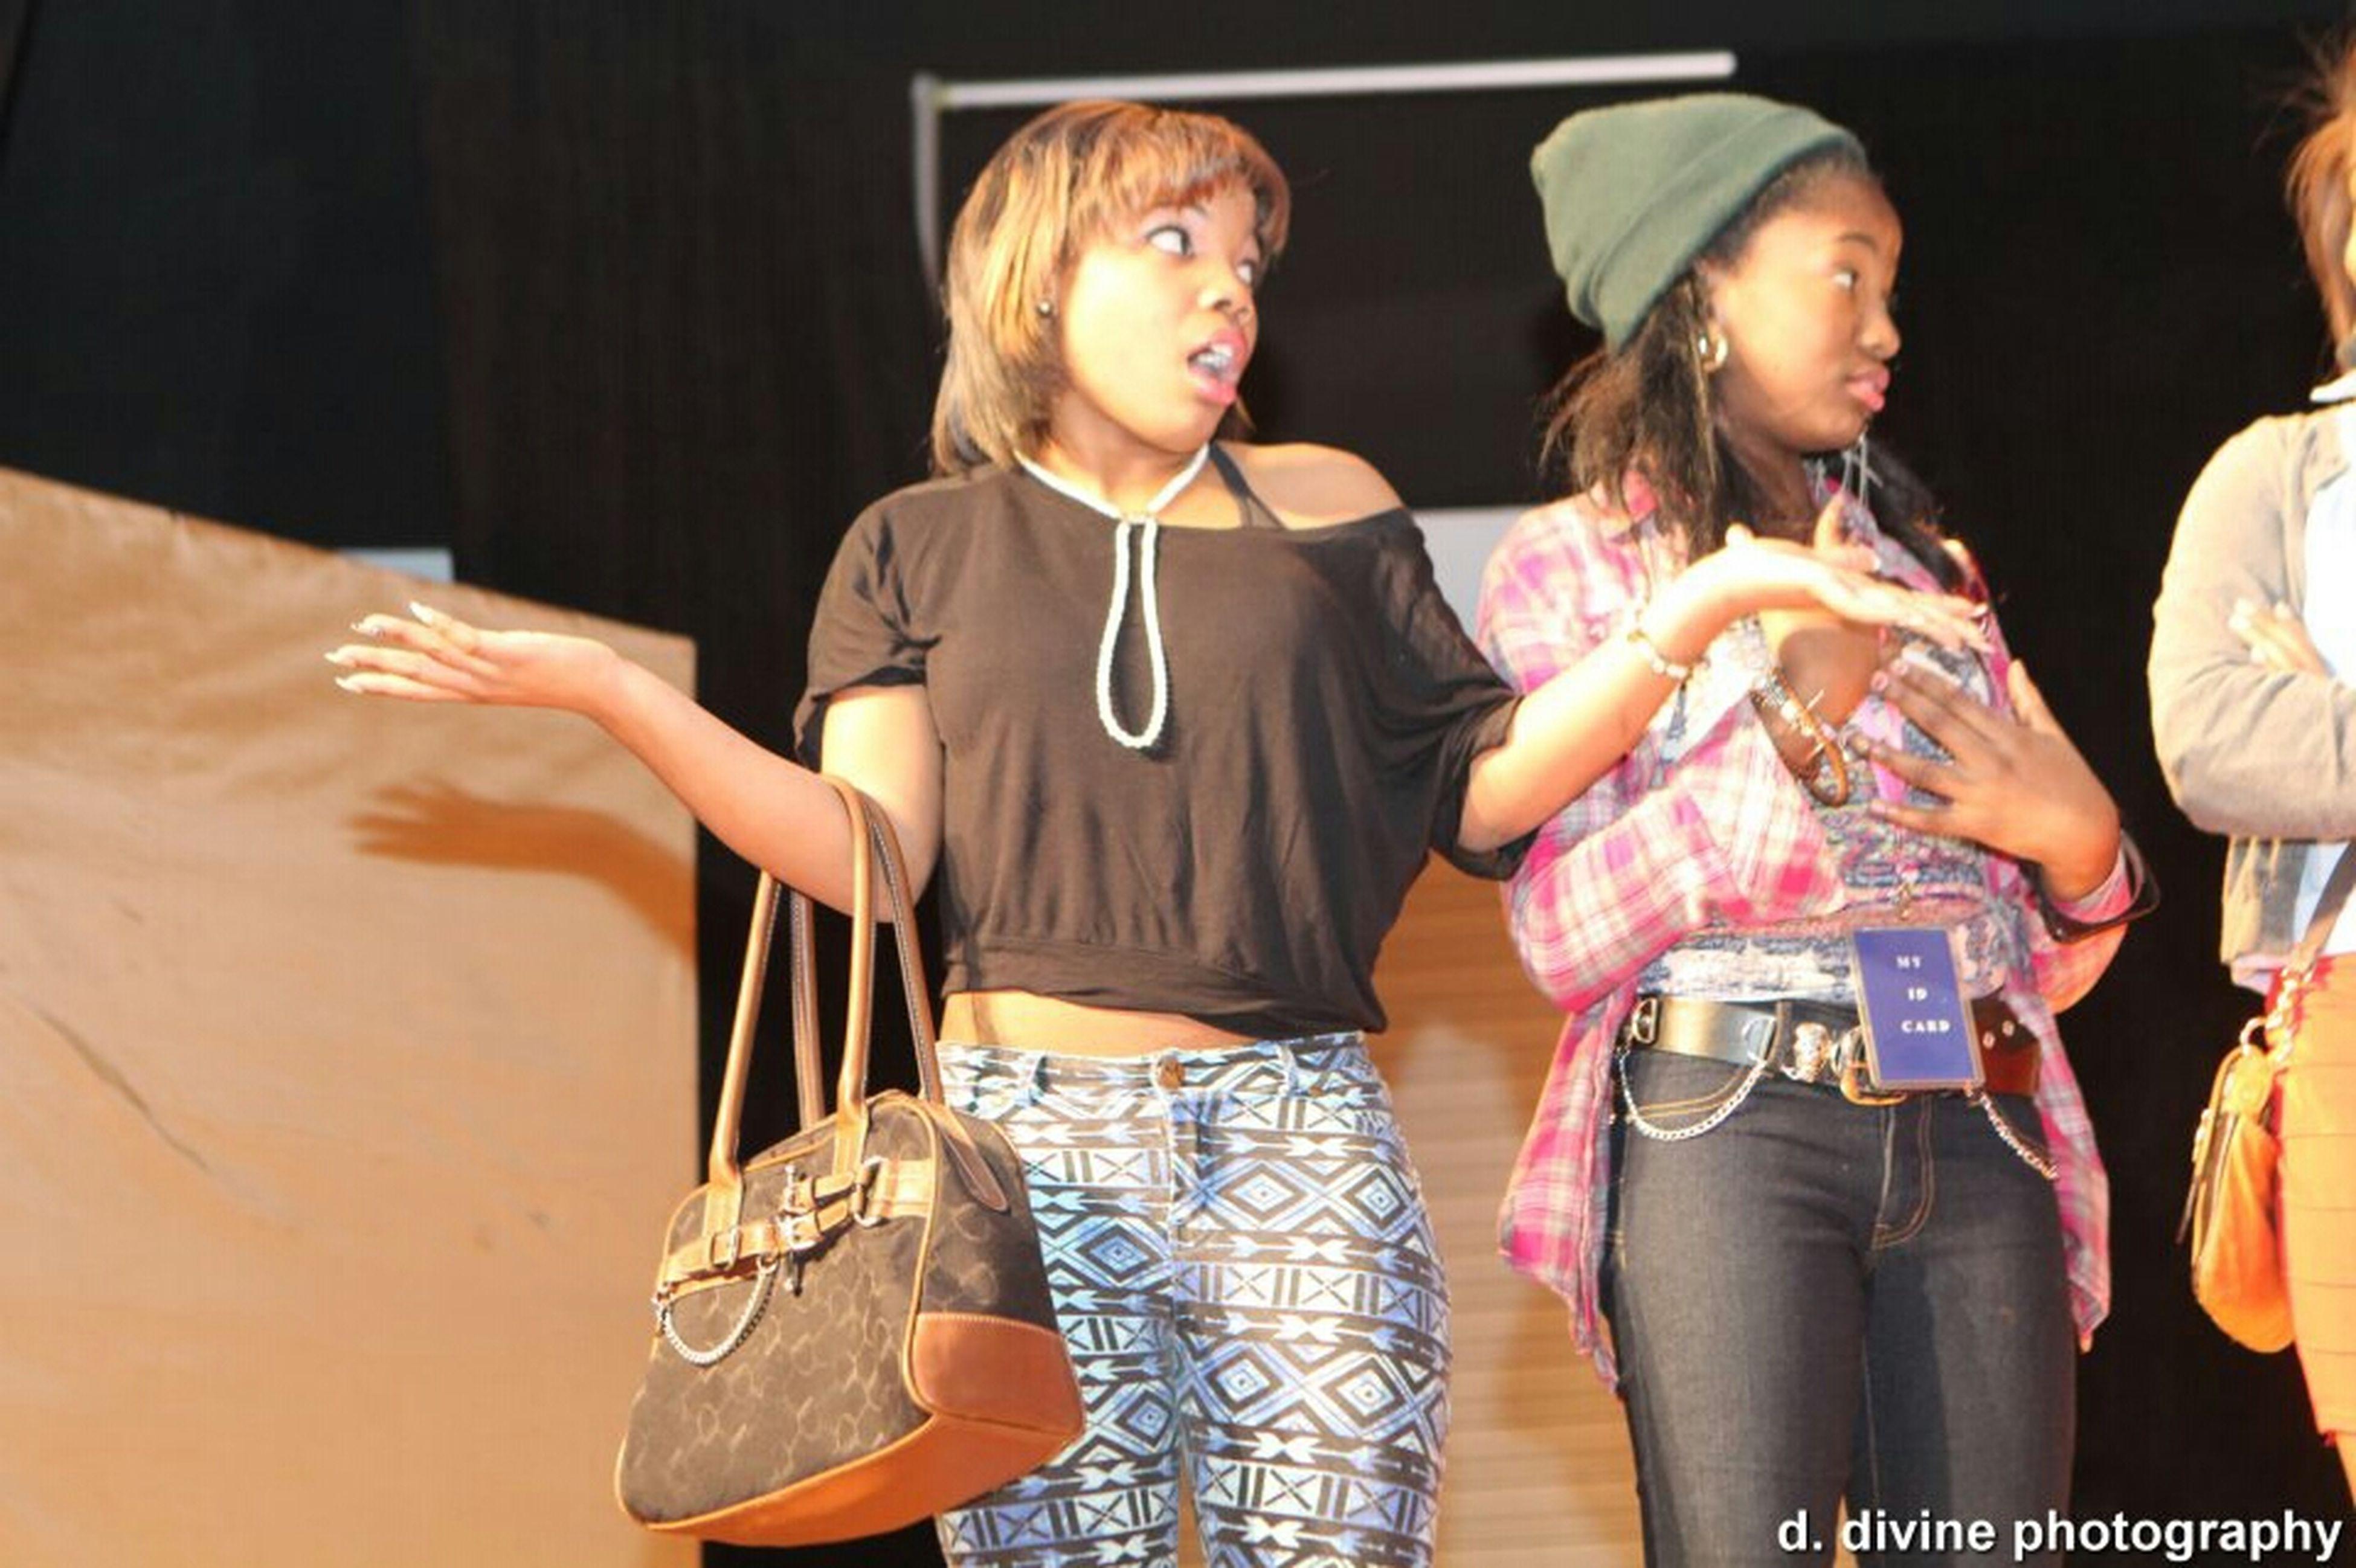 On Stage Like Whaaaat! Lol